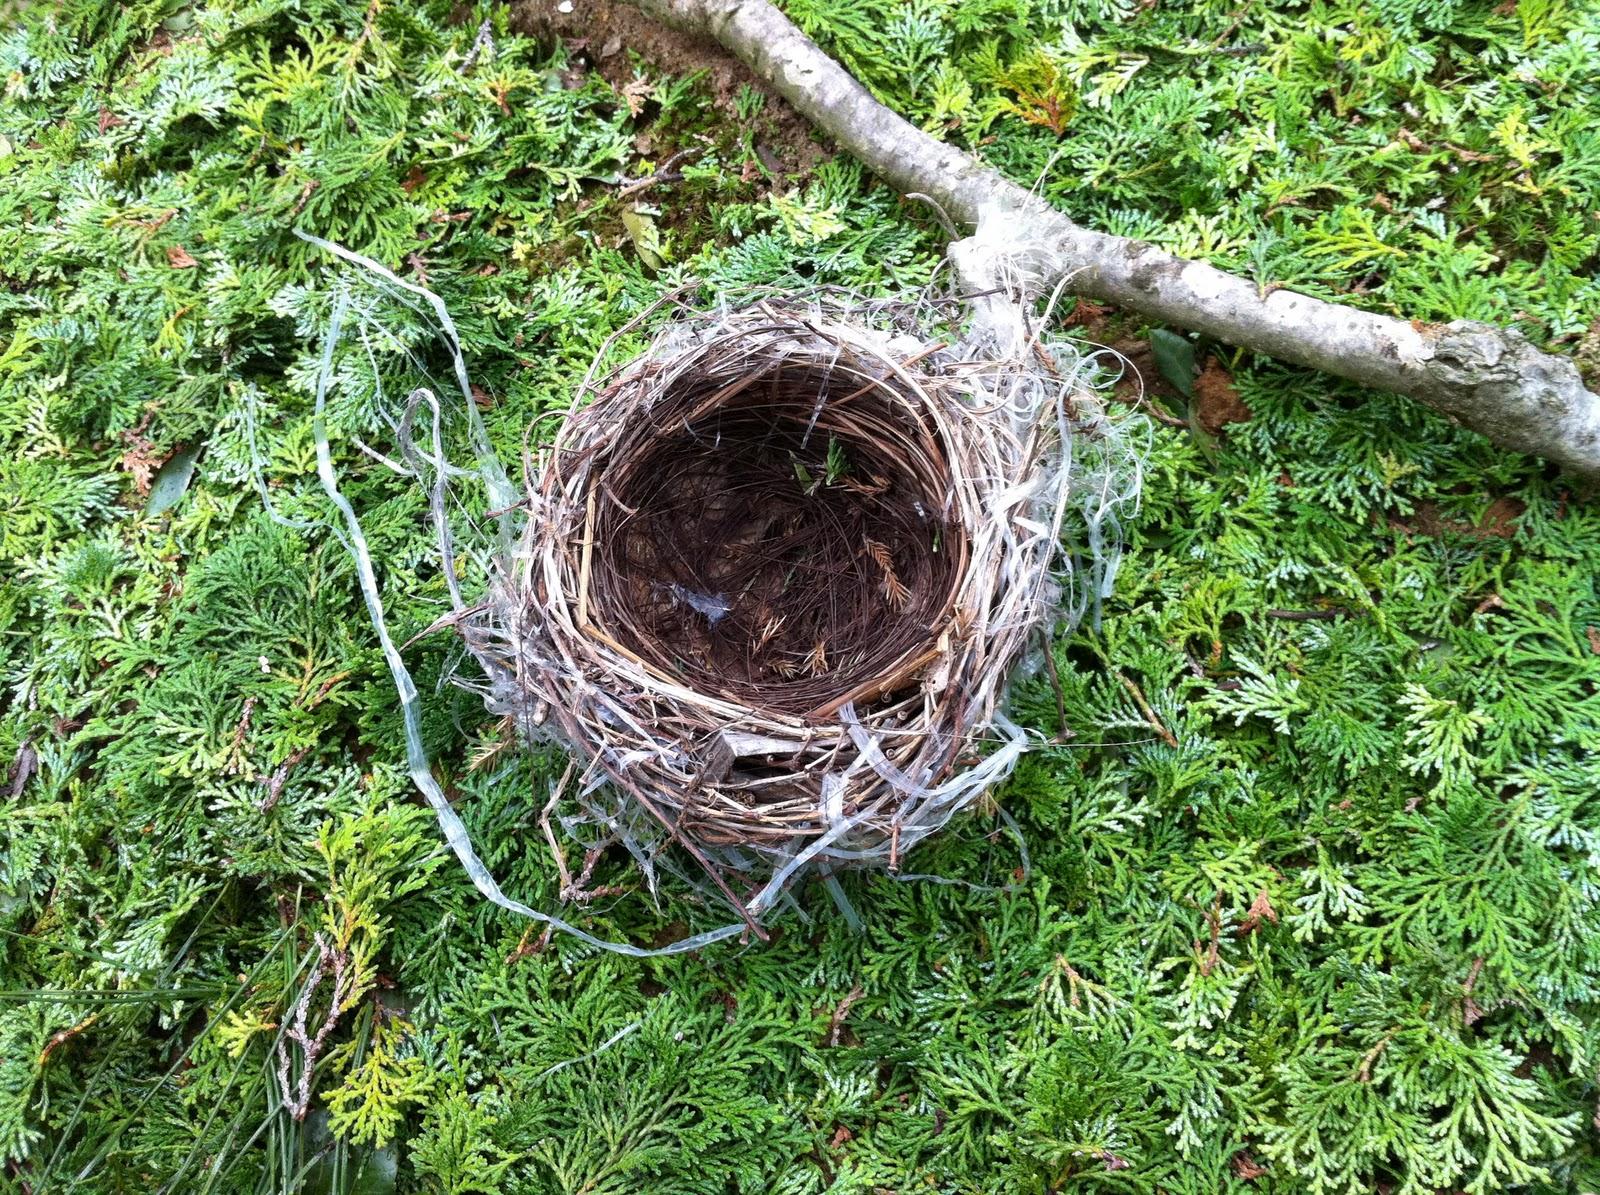 庭に鳥が巣を作りました - 鳥 解決済み| 【OKWAVE】